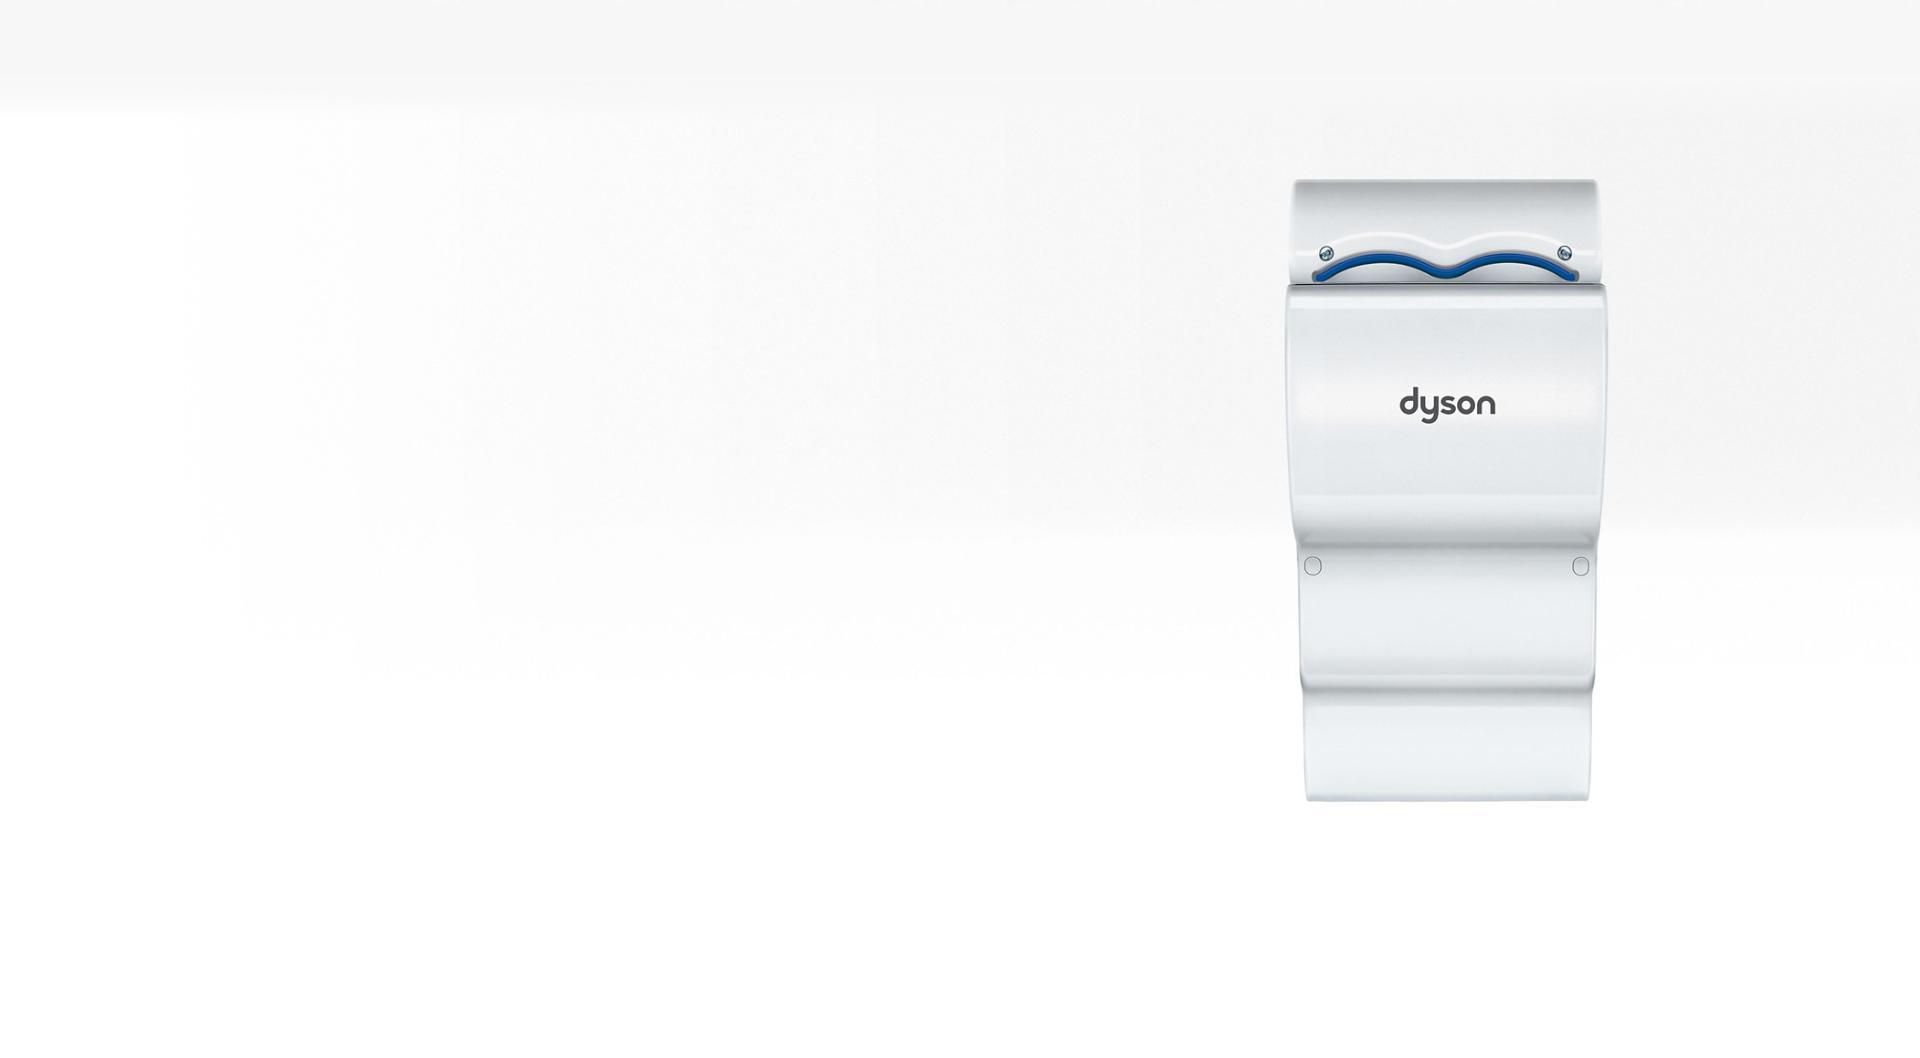 Dyson Airblade dB white hand dryer